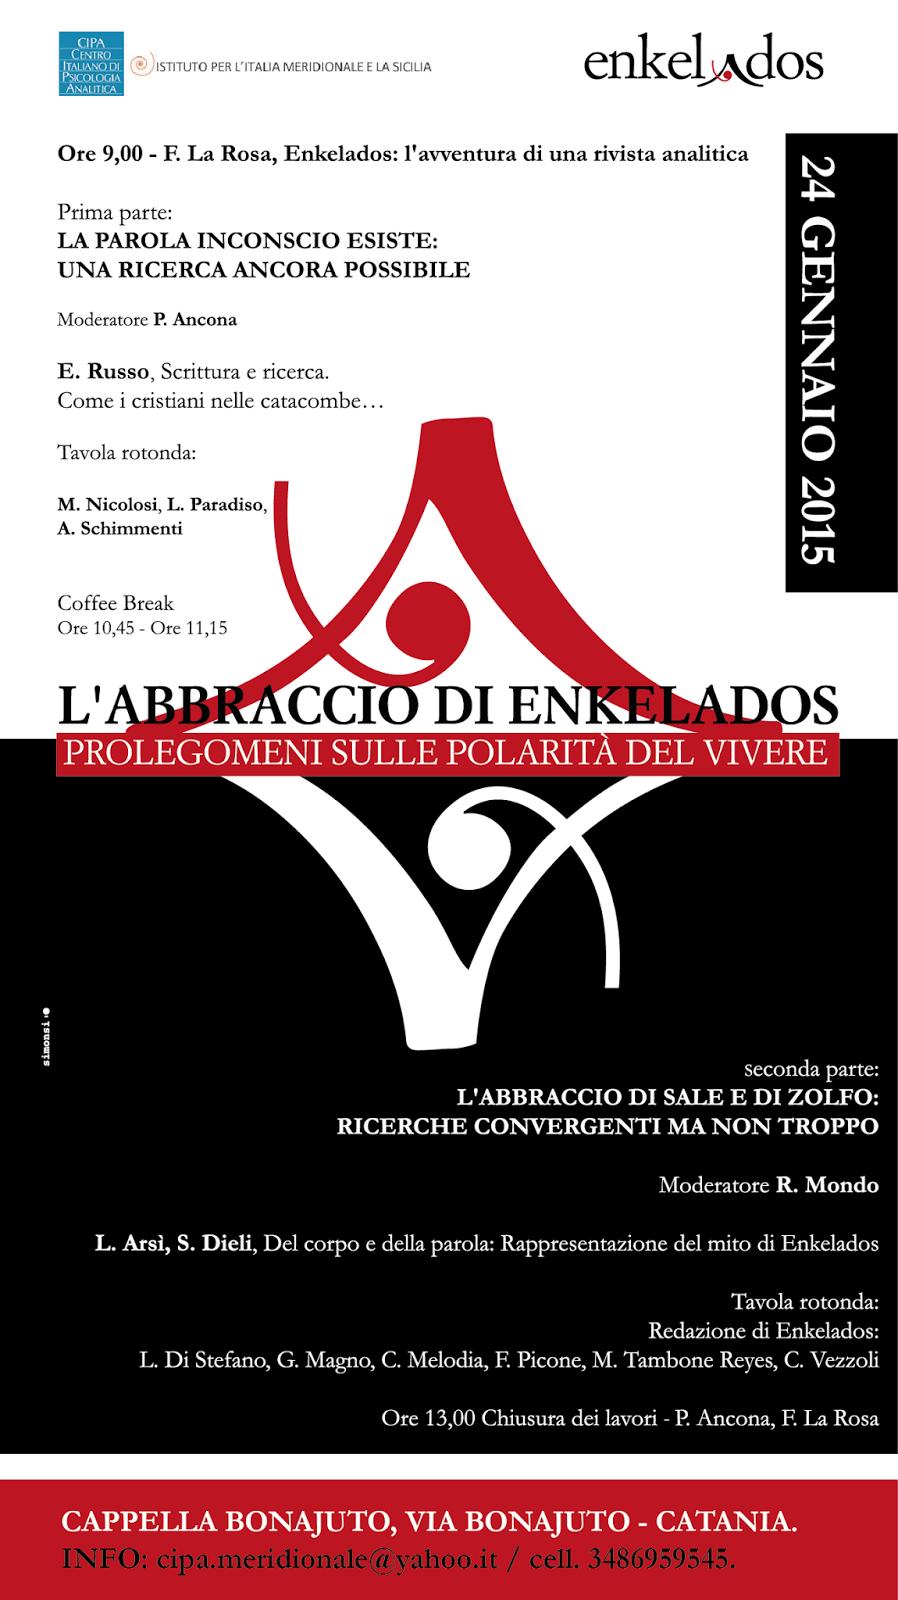 Riccardo mondo convegno rivista enkelados catania 24 for Mondo catania